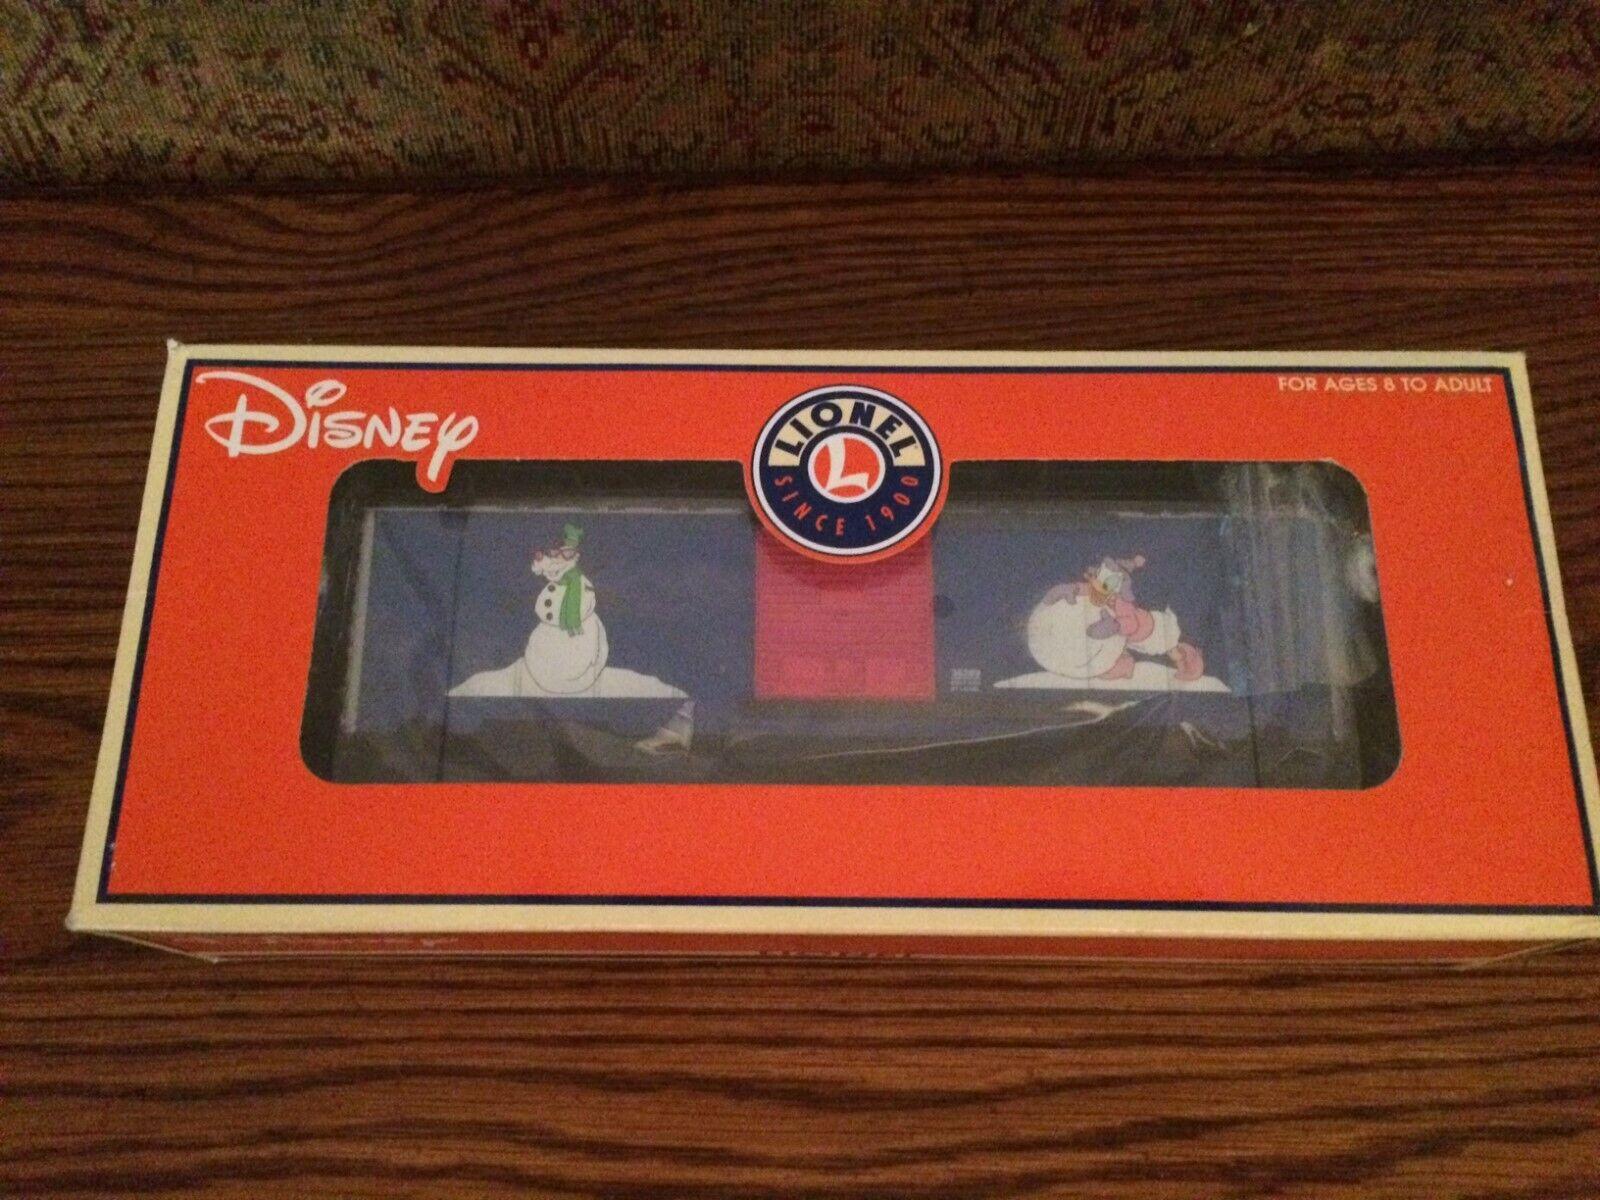 en promociones de estadios Lionel 36289 Cabeza De Mickey's Mickey's Mickey's Christmas Express flotando Coche Nuevo en Caja  lea a continuación  las mejores marcas venden barato